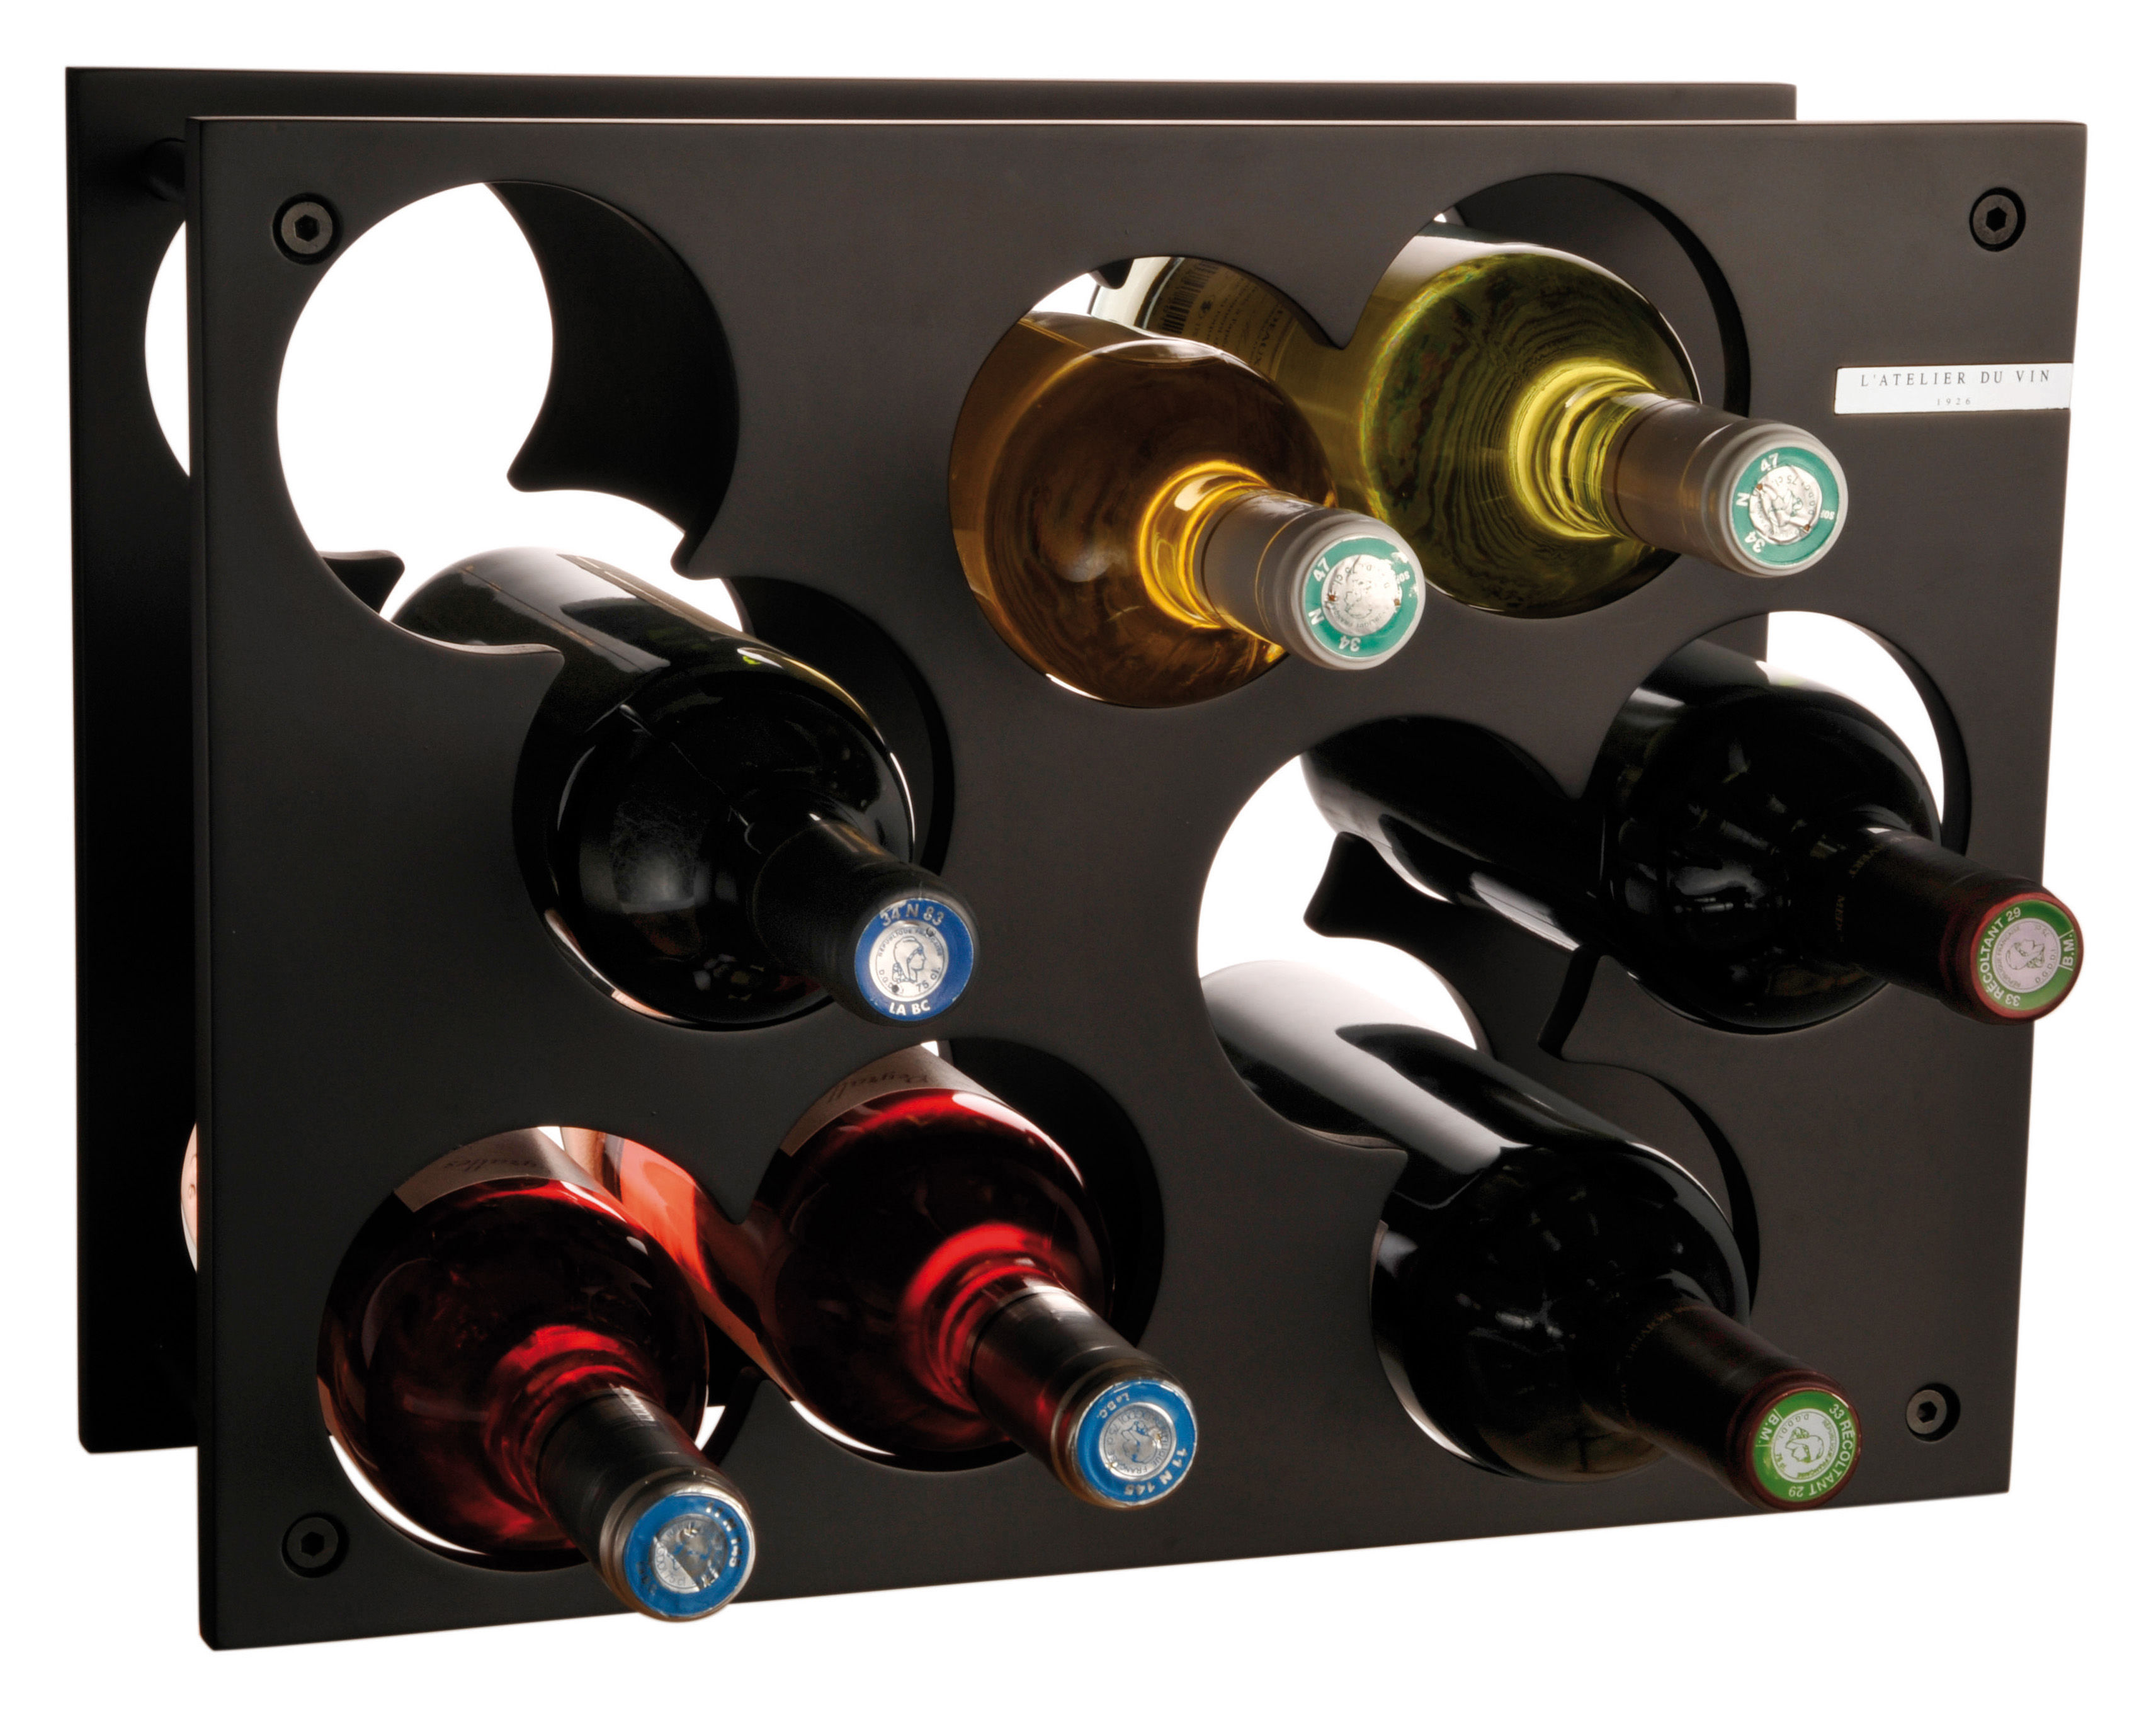 Küche - Einfach praktisch - City Rack bois Flaschenregal / für 9 Flaschen - L'Atelier du Vin - Schwarz - mitteldichte bemalte Holzfaserplatte